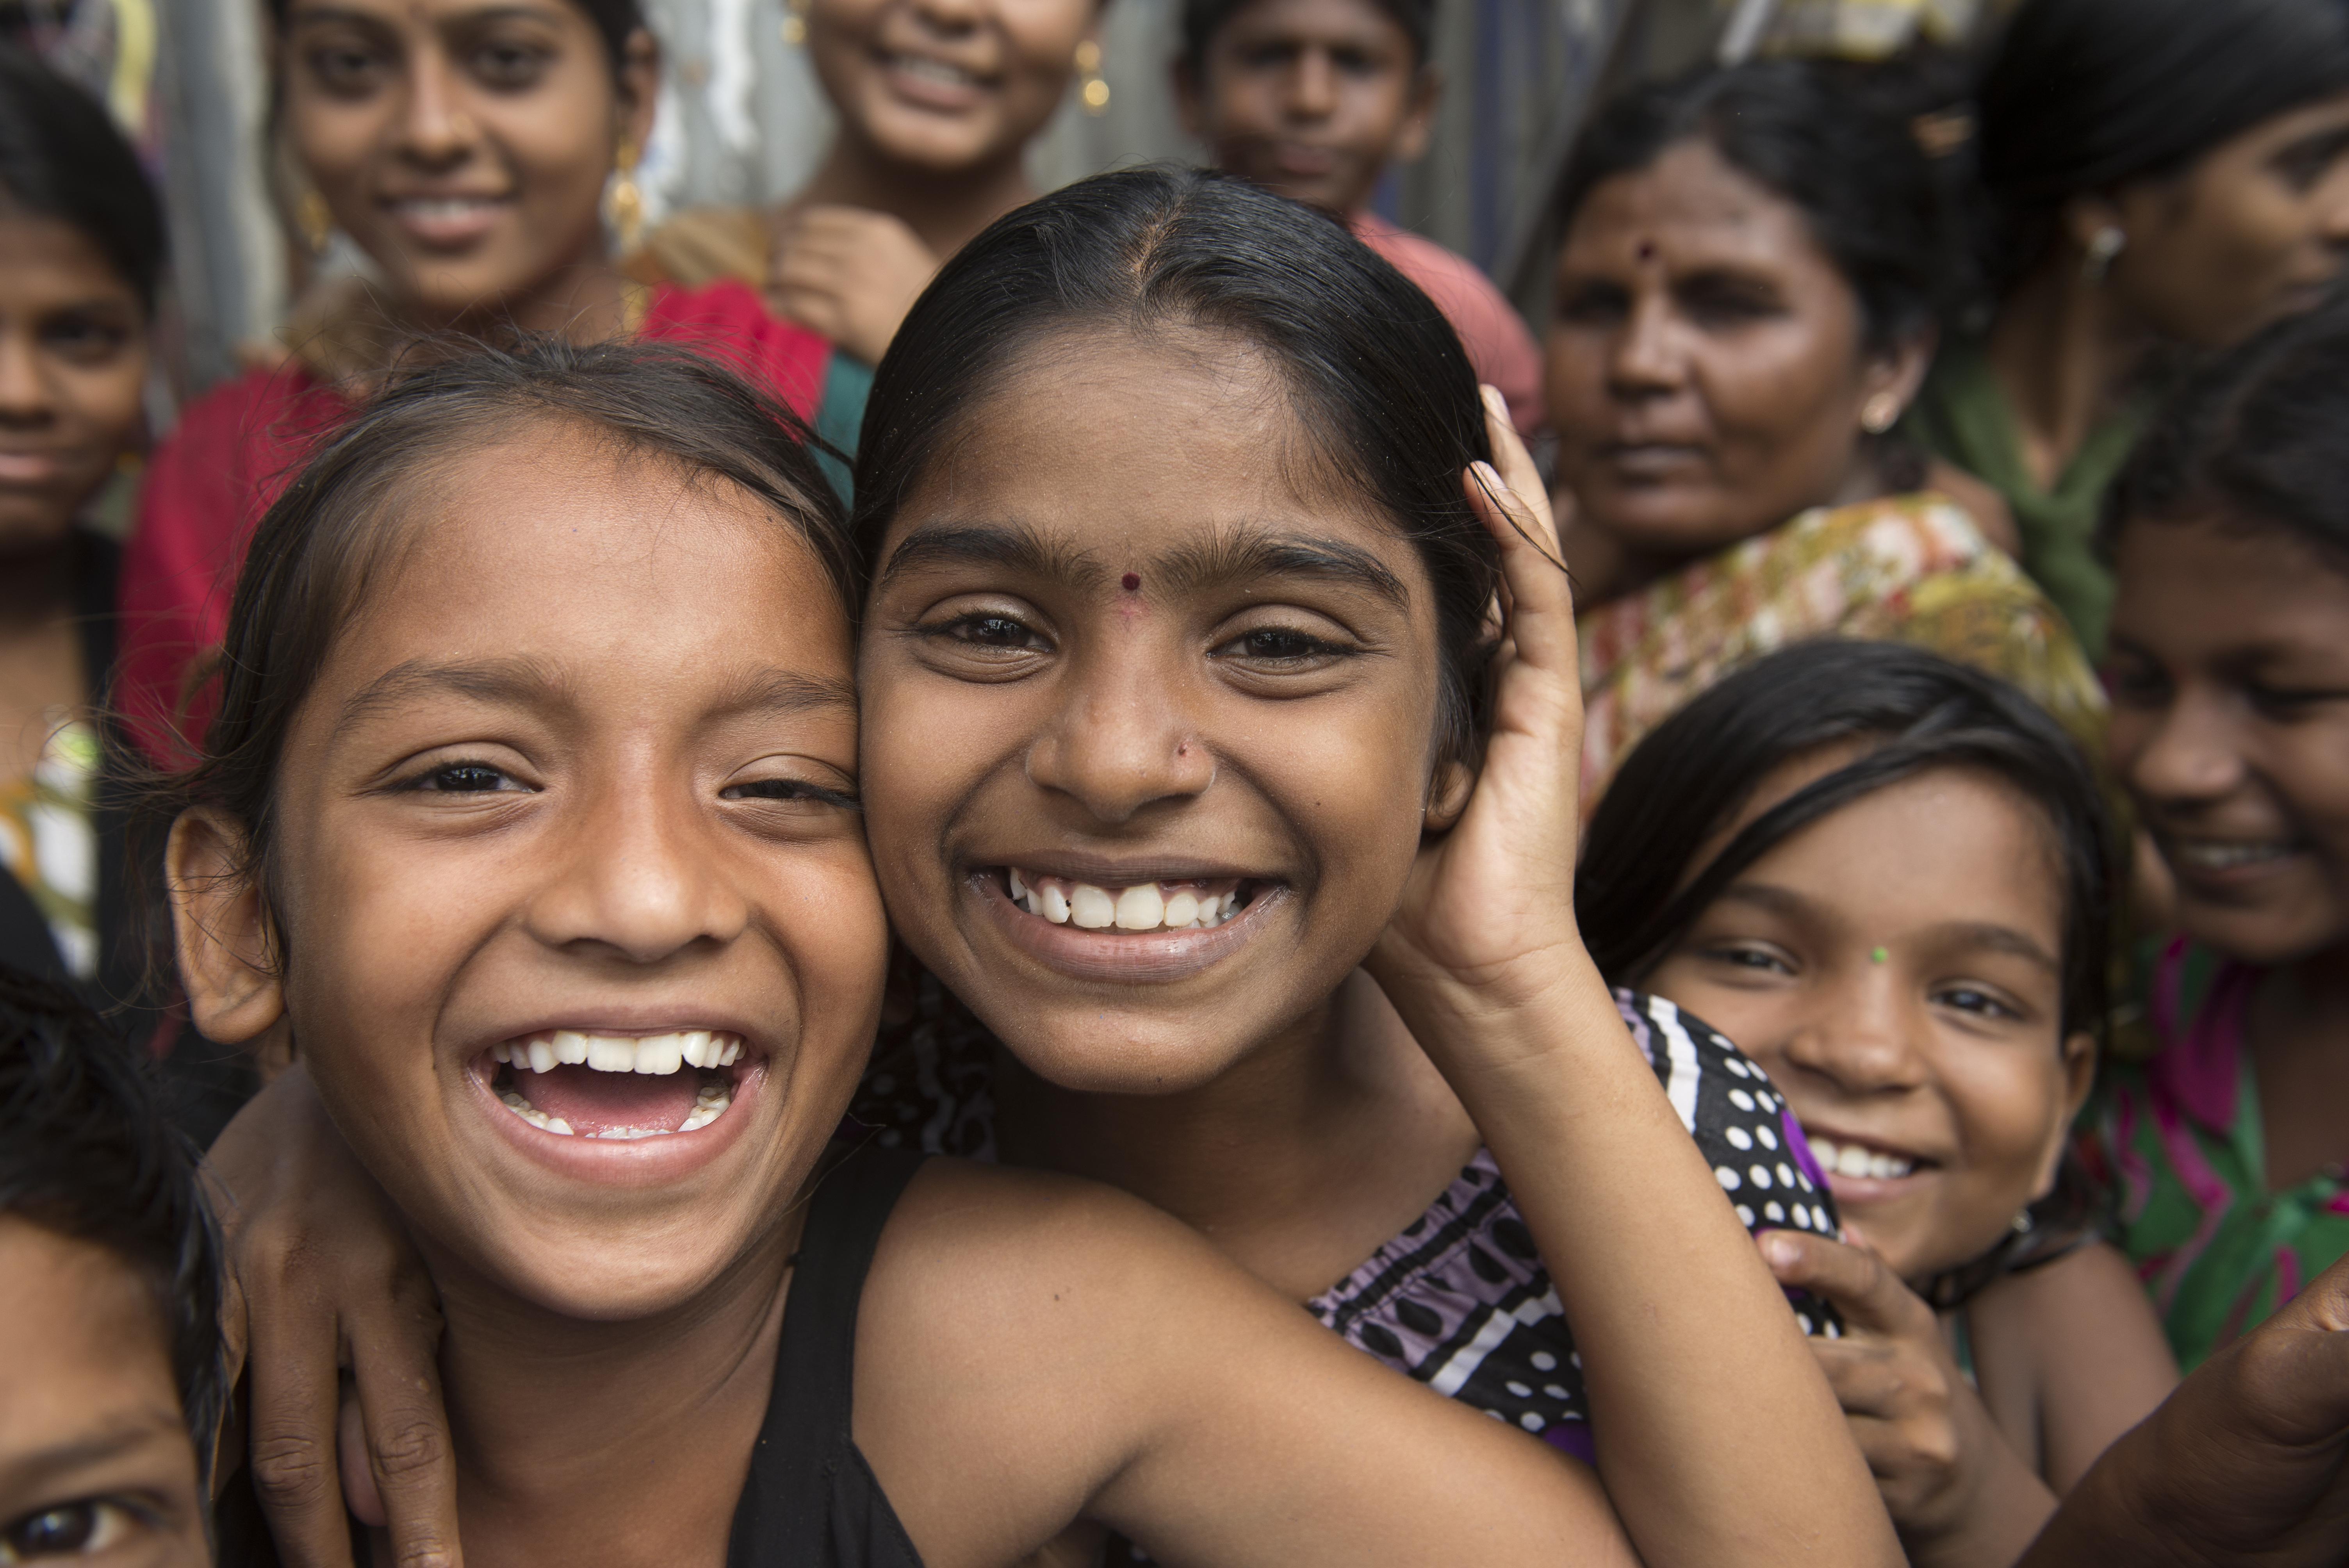 картинки радостные лица бедных людей гипнозом расстоянии